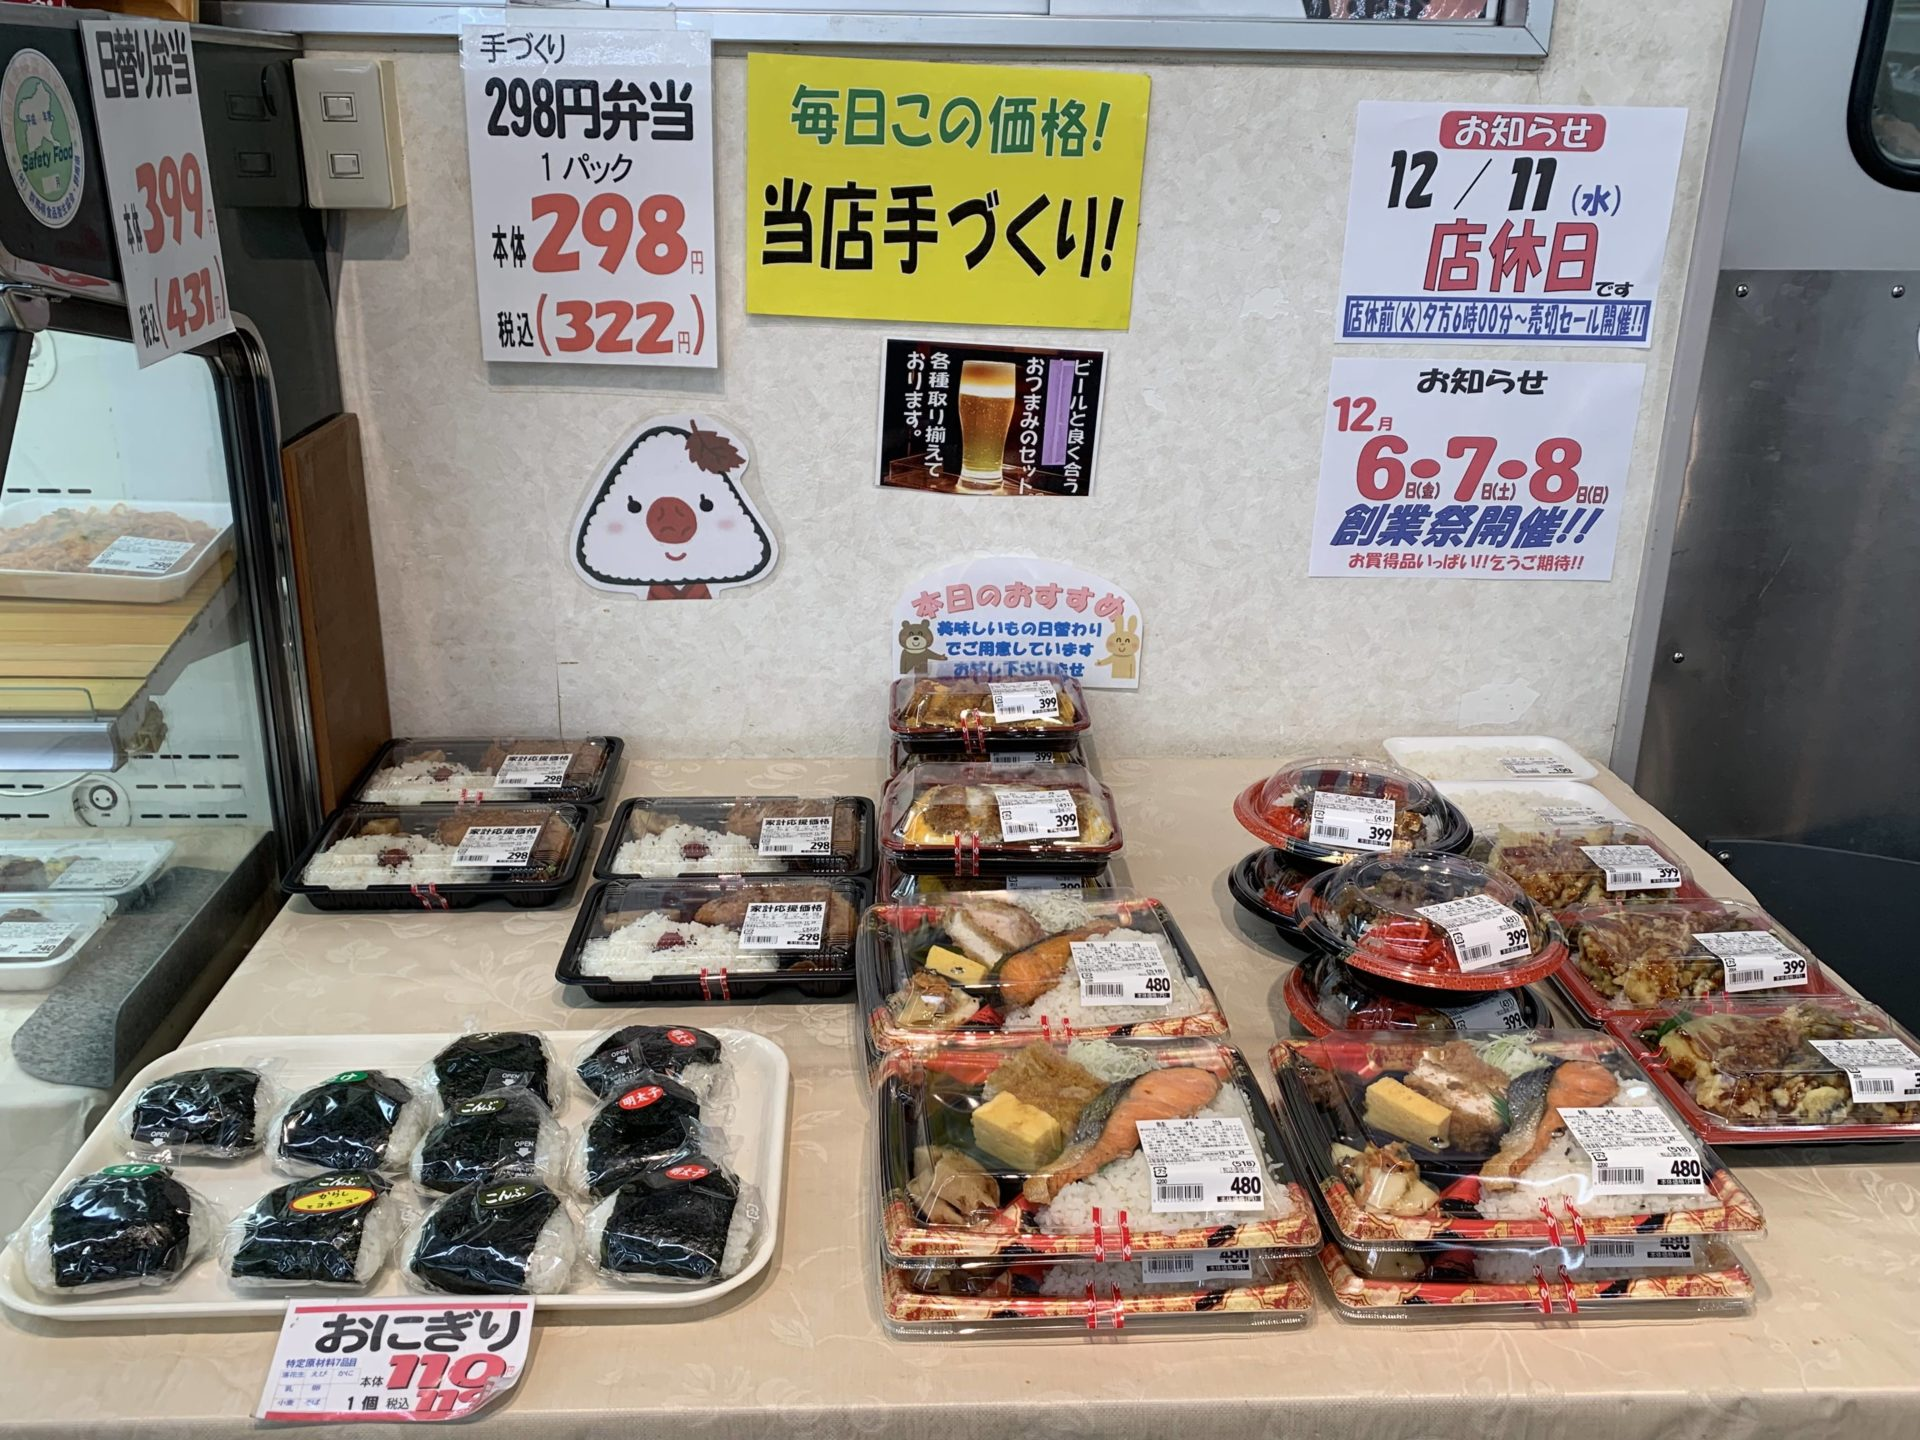 卸売センター「サンエイ」店内のお弁当コーナー